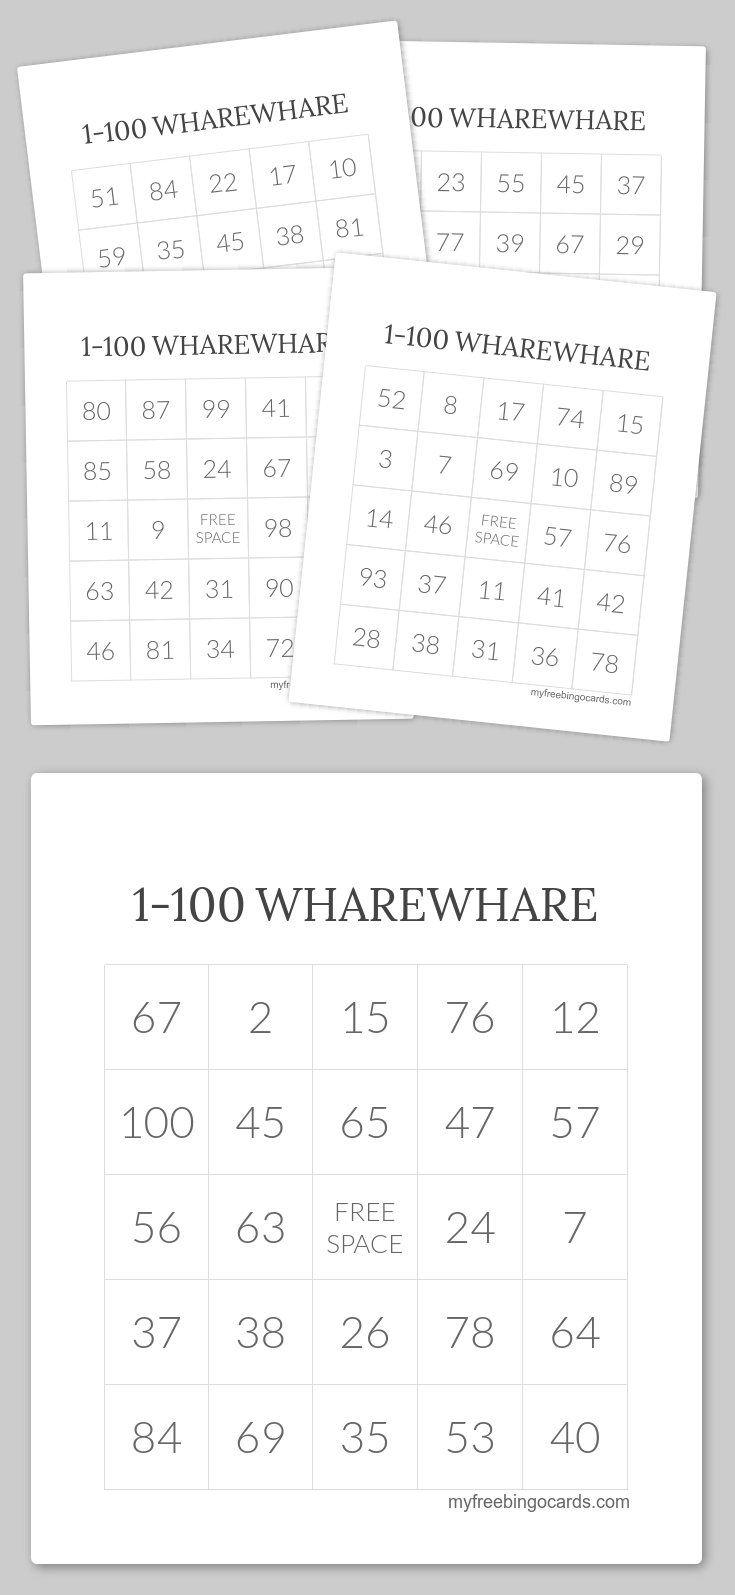 1-100 Wharewhare Bingo | Wharewhare 1-100 | Free Printable Bingo - Free Printable Bingo Cards 1 100